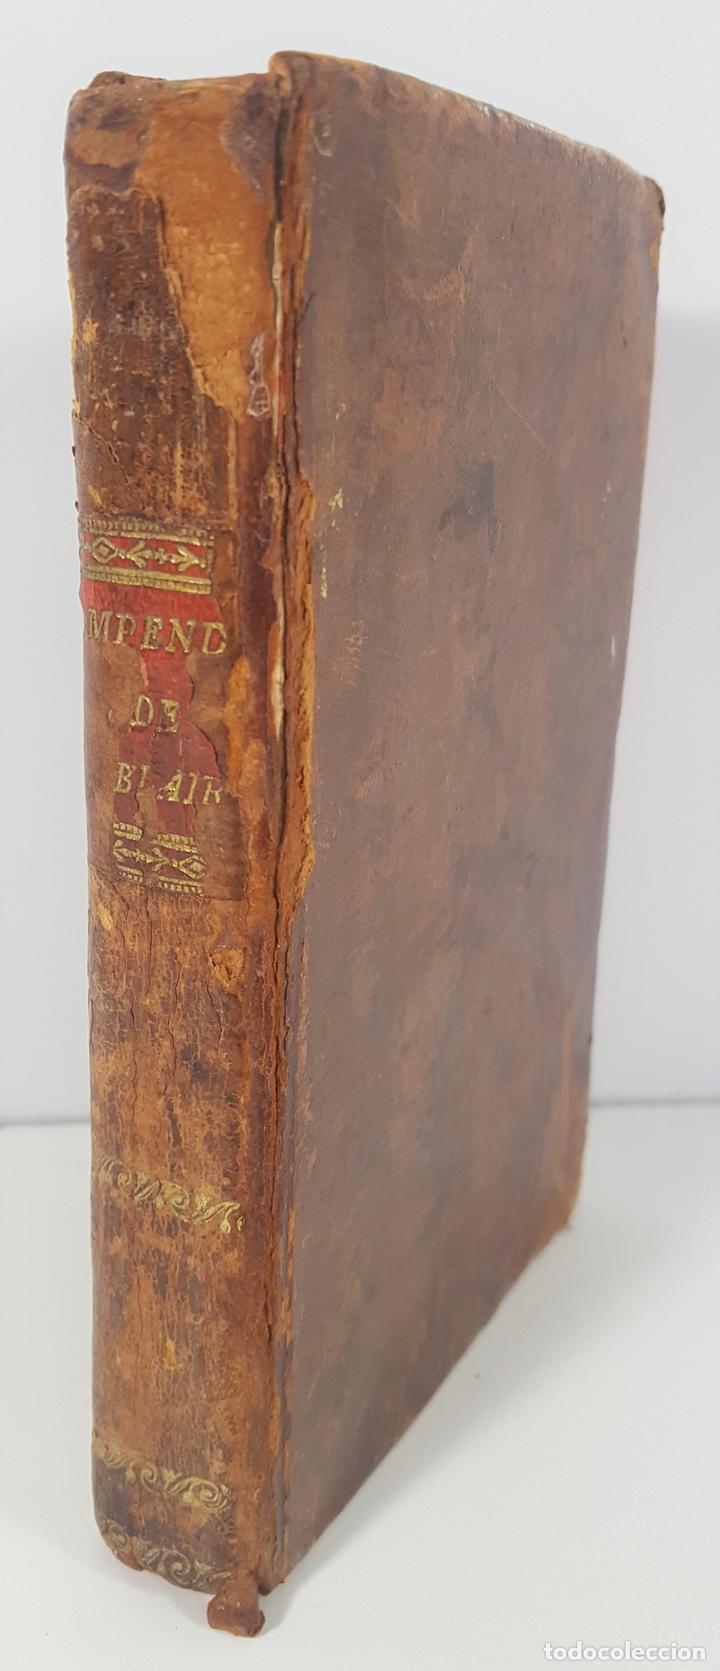 COMPENDIO DE LAS LECCIONES SOBRE LA RETÓRICA Y BELLAS LETRAS. HUGO BLAIR. TOLOSSA. 1819. (Libros Antiguos, Raros y Curiosos - Pensamiento - Otros)